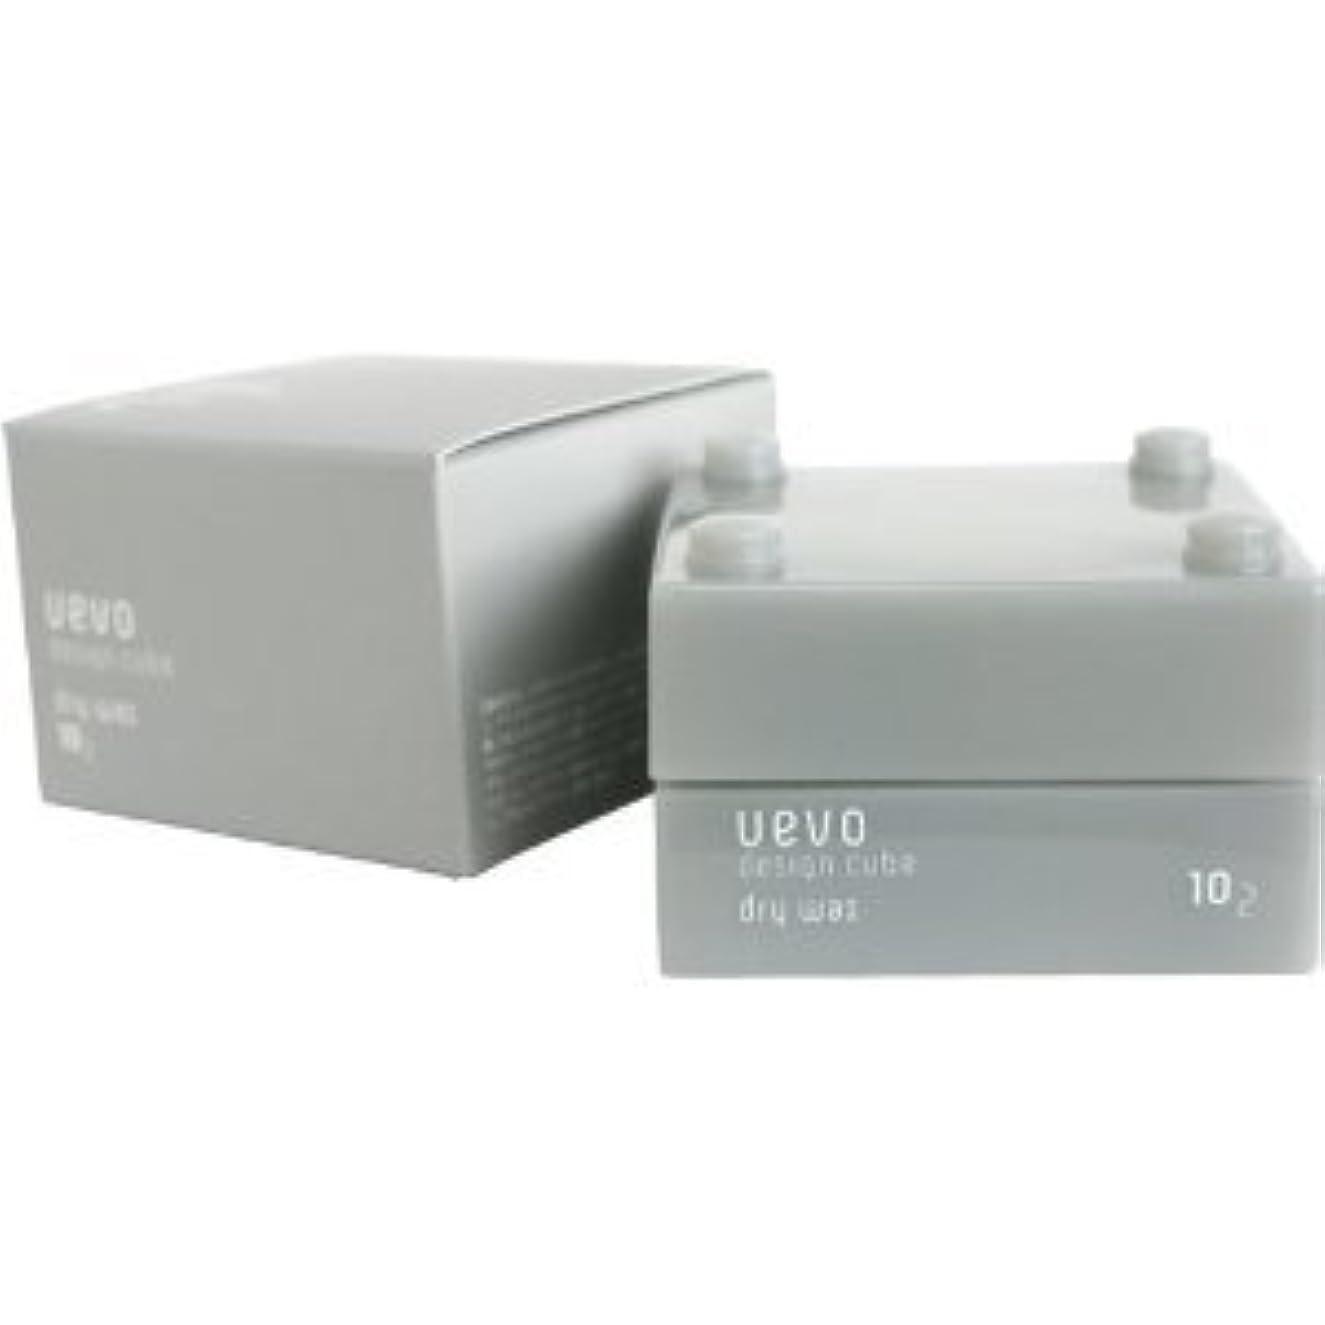 マンモスパニックあなたが良くなります【X2個セット】 デミ ウェーボ デザインキューブ ドライワックス 30g dry wax DEMI uevo design cube